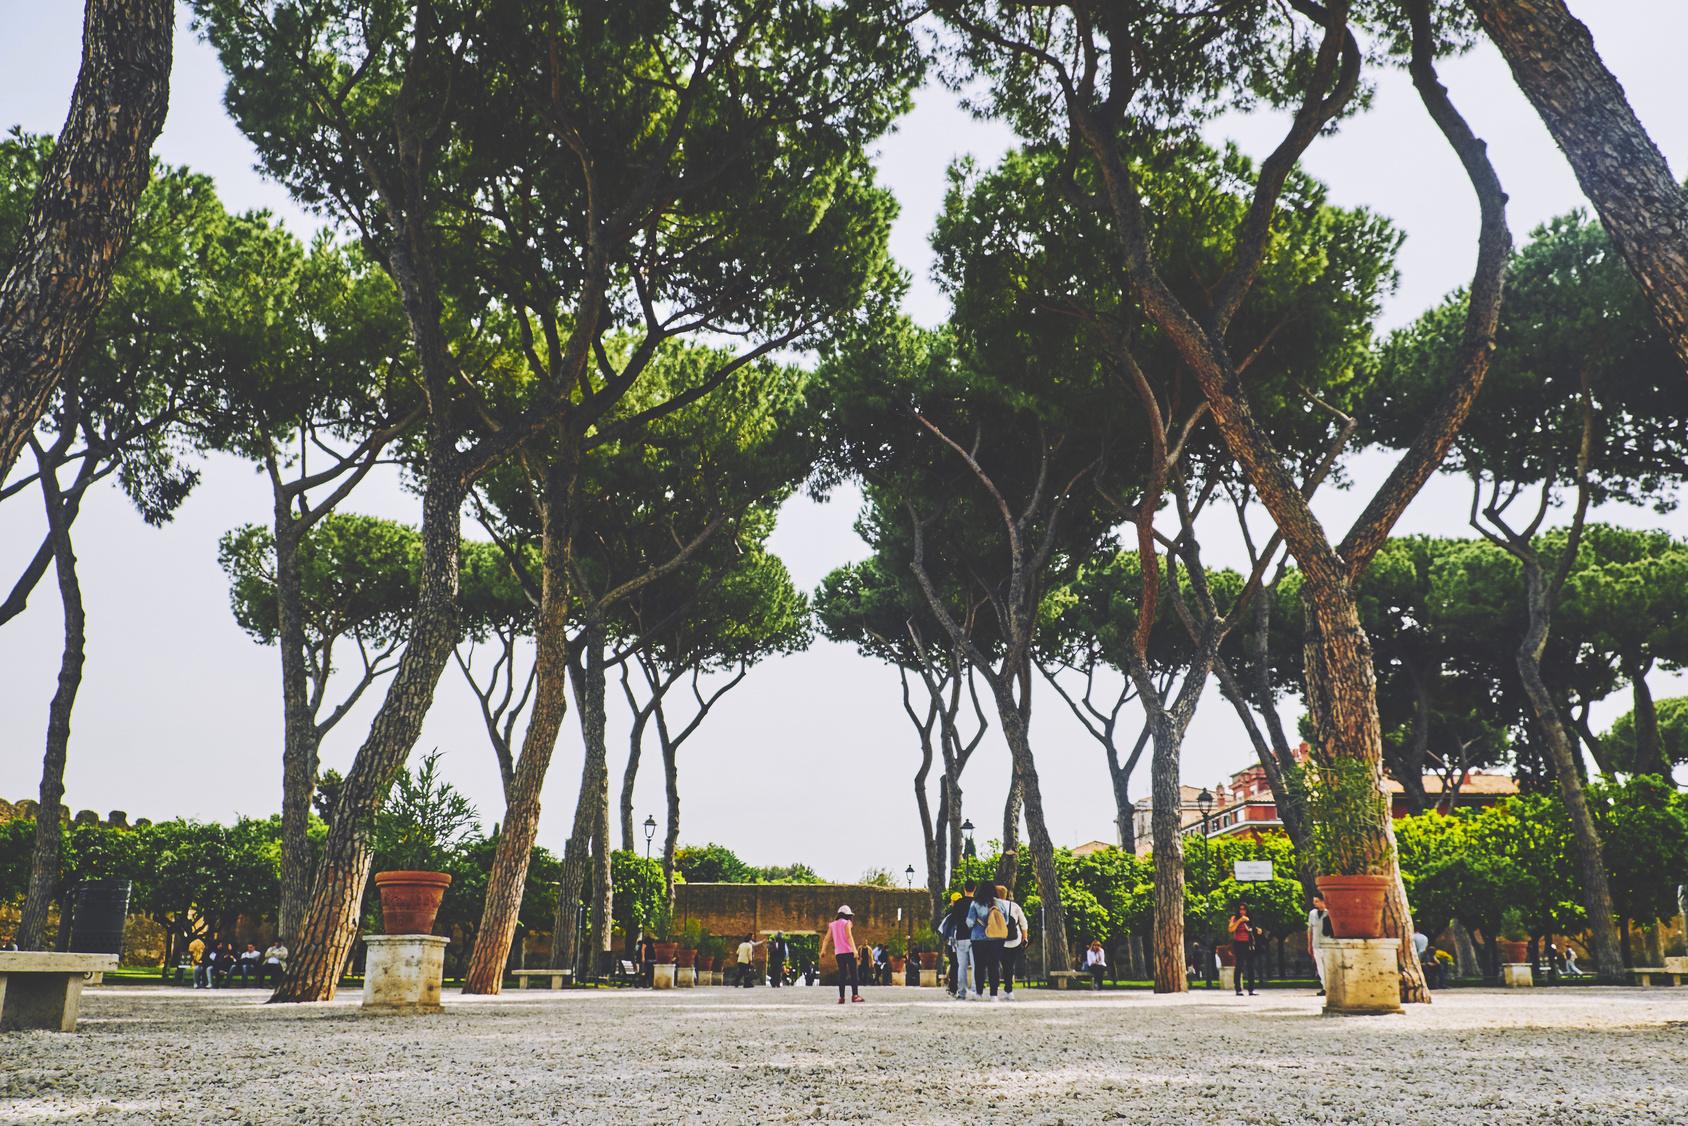 Giardino degli aranci il luogo pi suggestivo di roma port mobility civitavecchia - Il giardino degli aranci frattamaggiore ...